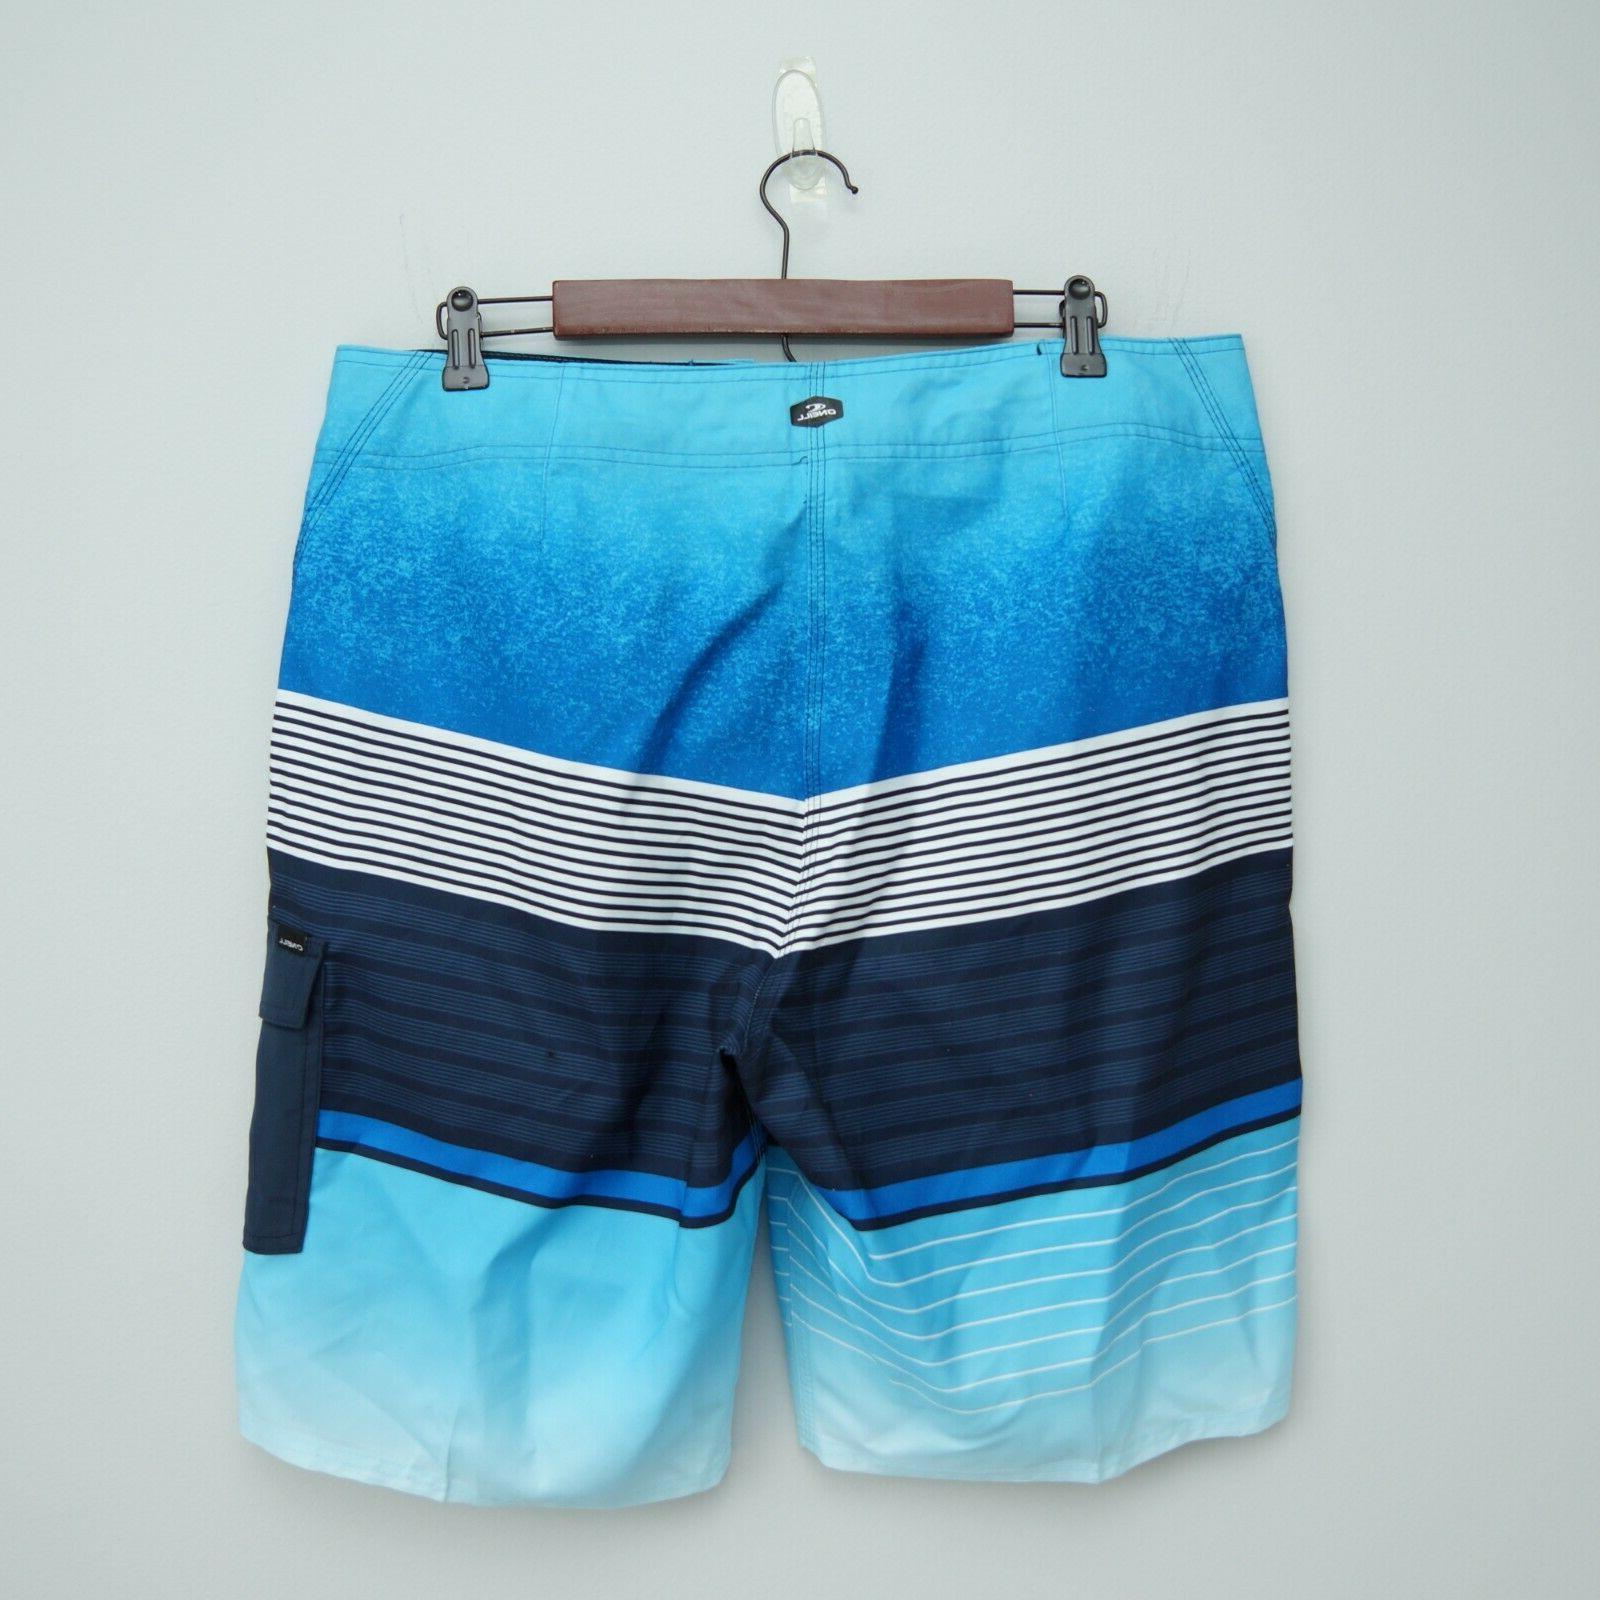 NWT O'NEILL Swim Board Shorts 36